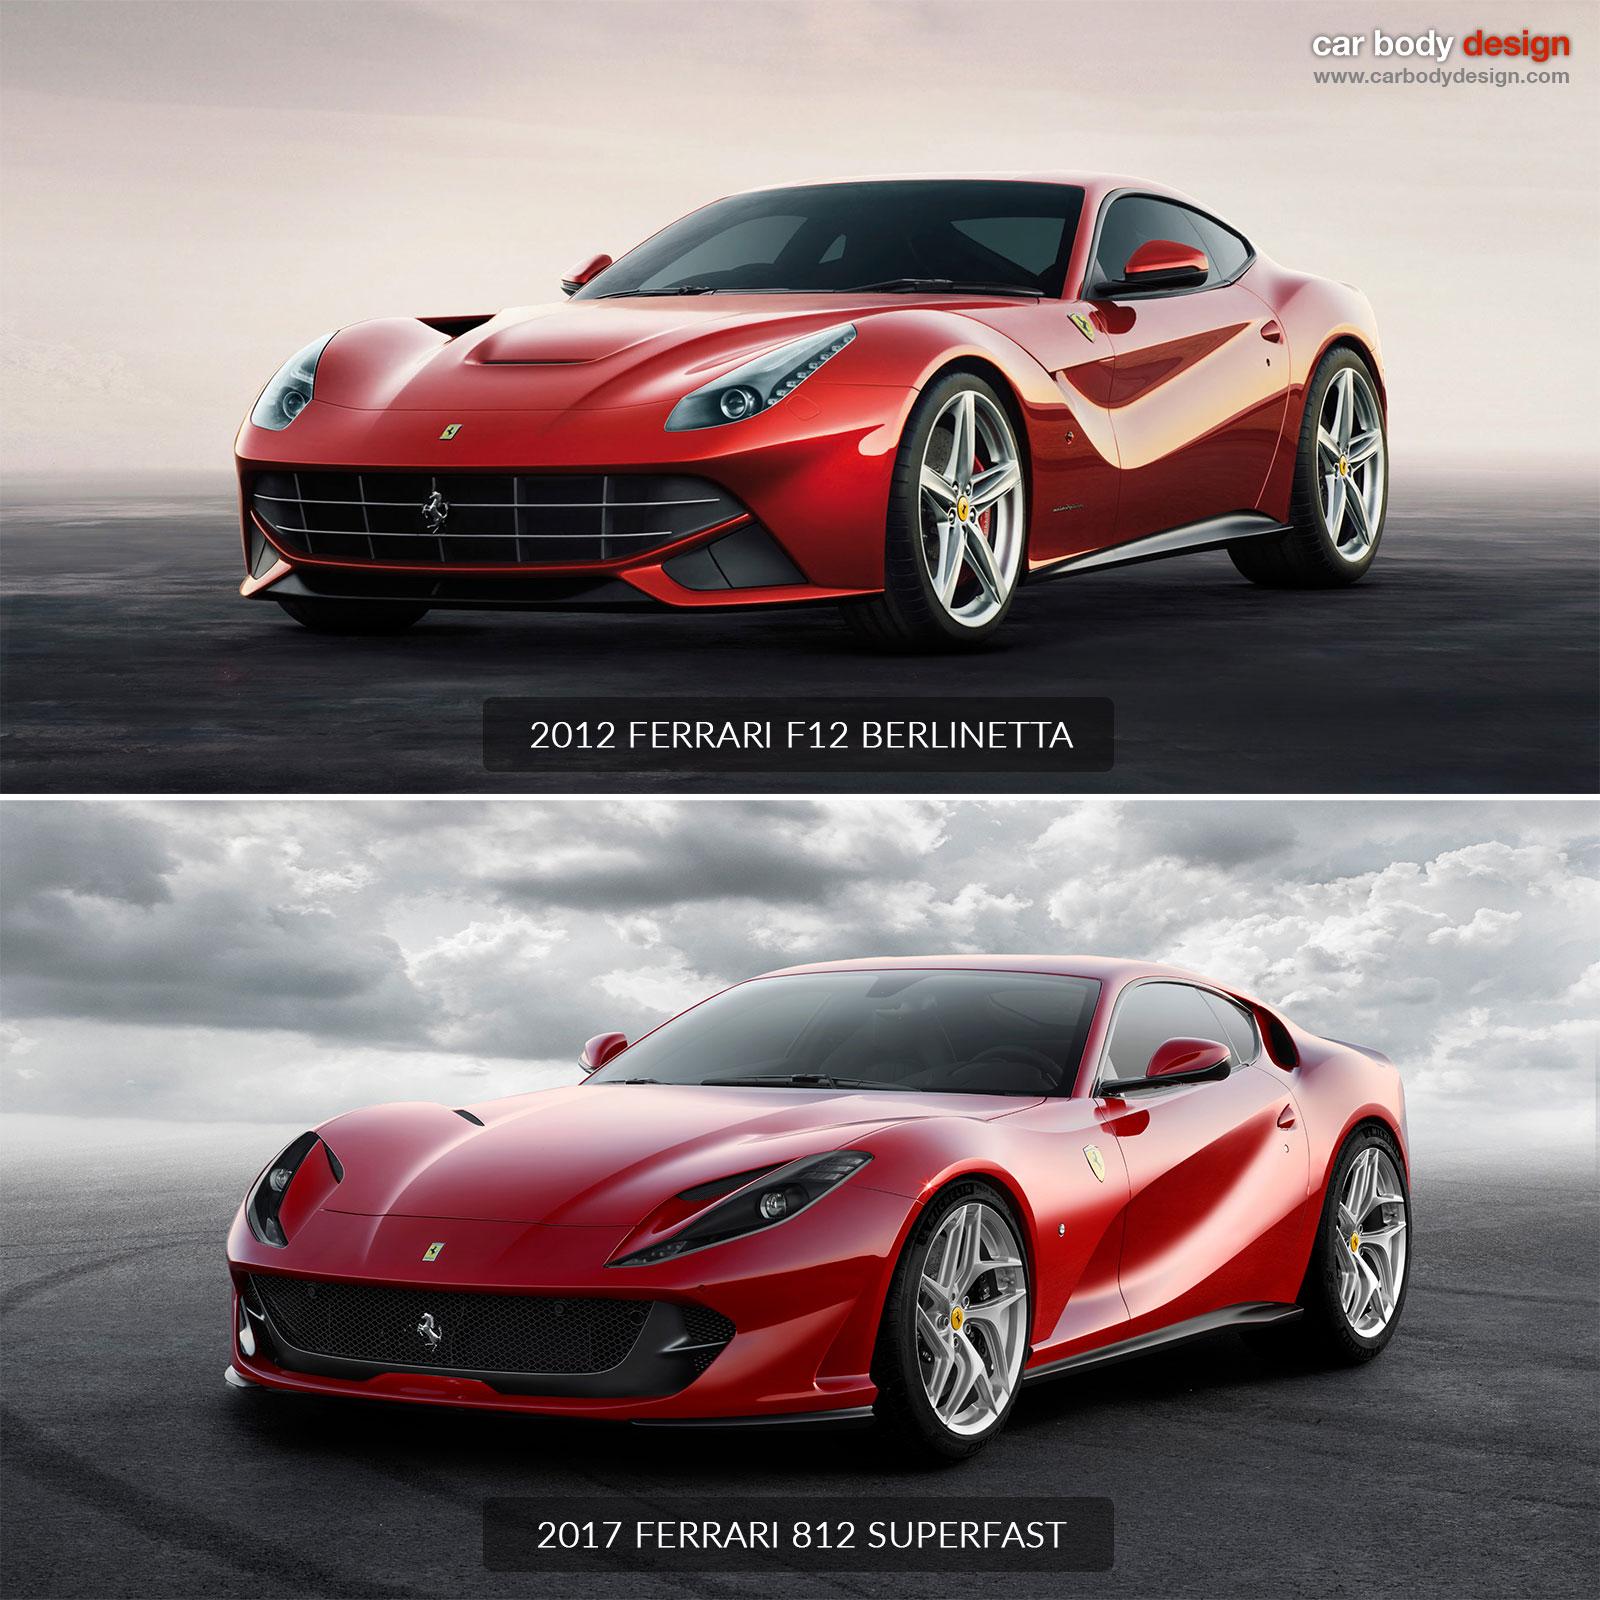 Ferrari-F12-Berlinetta-vs-812-Superfast-Design-Comparison-01